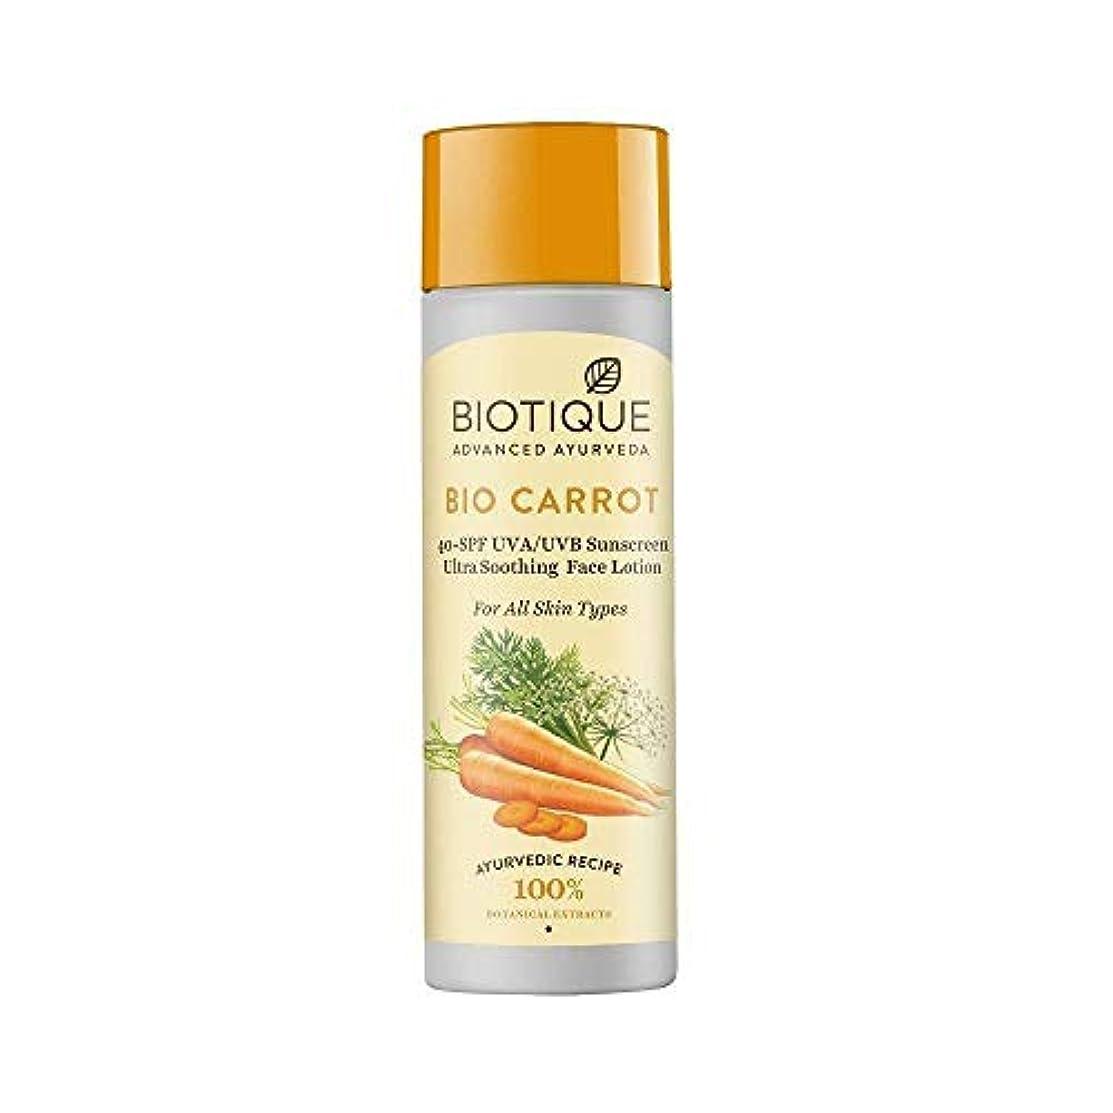 オーロックローラーシダBiotique Bio Carrot Face & Body Sun Lotion SPF 40 UVA/UVB Sunscreen 190ml ビオティックバイオニンジンフェイス&ボディサンローションSPF 40 UVA...